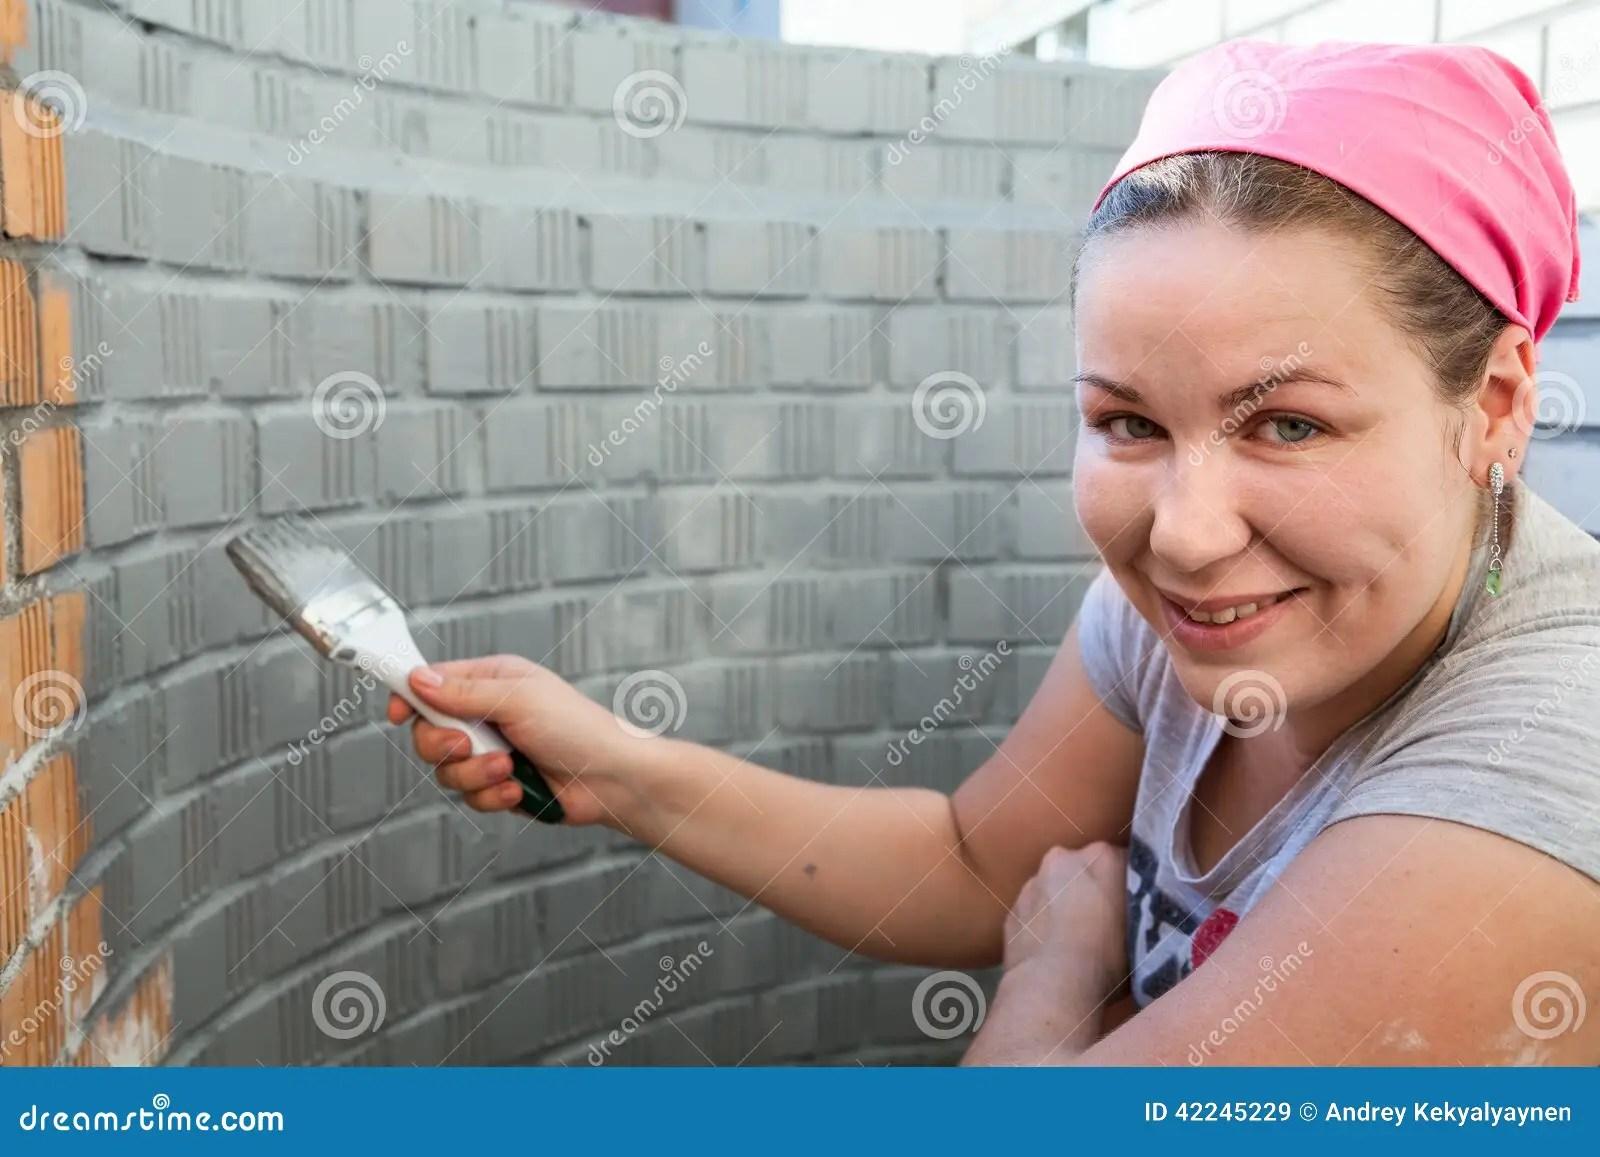 Stenen Muur Verven : Bakstenen muur verven bakstenen muur donkergrijs schilderen tuin